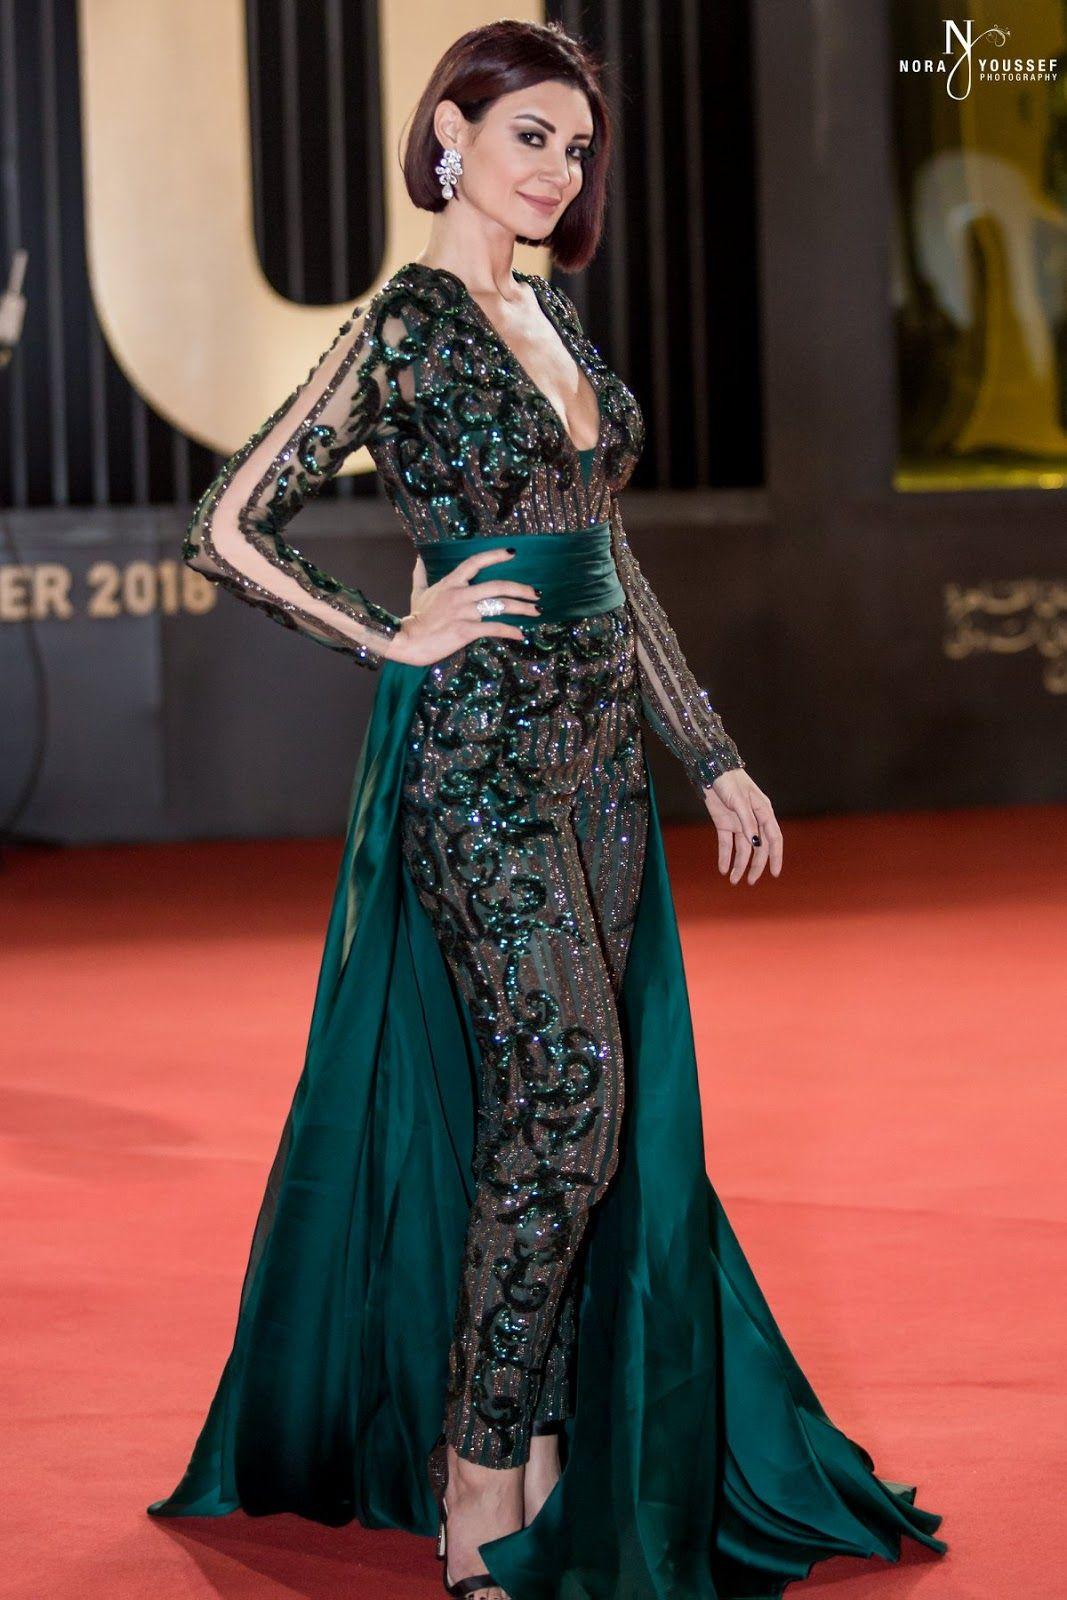 اسخن 40 صورة الفنانات بفساتين عارية وشفافة ومثيرة Egyptian Actress Formal Dresses Long Formal Dresses